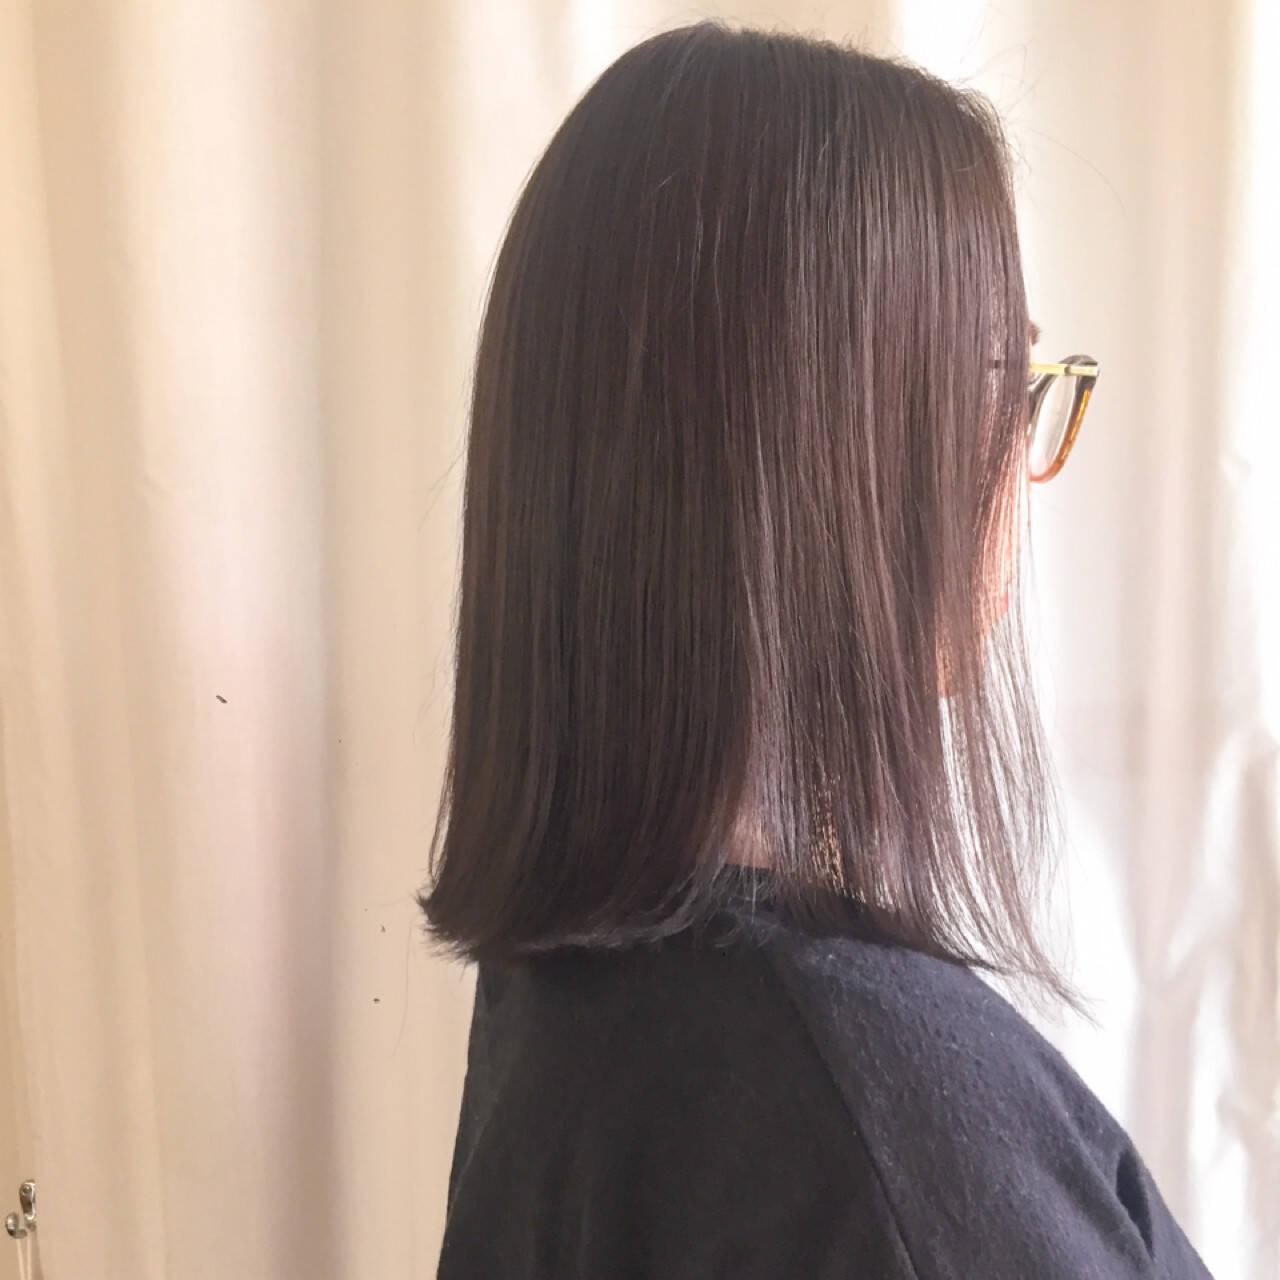 アッシュベージュ ロブ ナチュラル ミディアムヘアスタイルや髪型の写真・画像